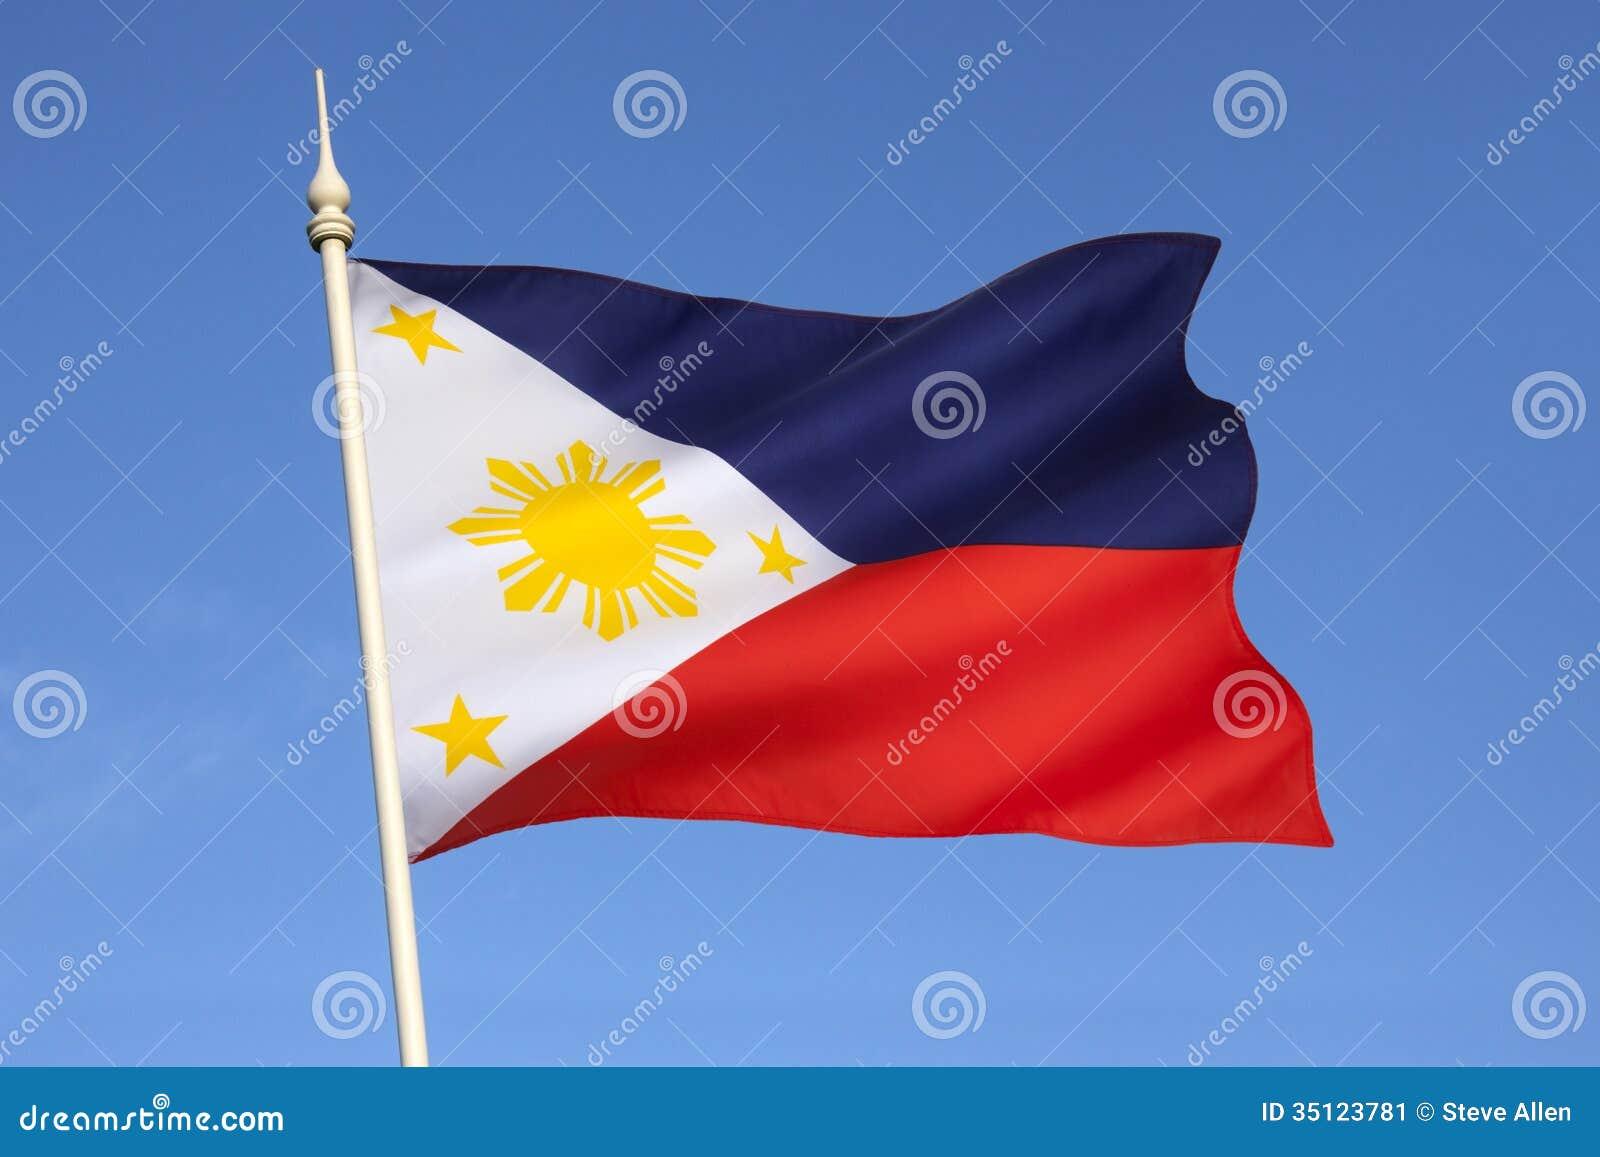 Bandera De Filipinas. Trendy Banderas Del. Filipinas Bandera Pas ...